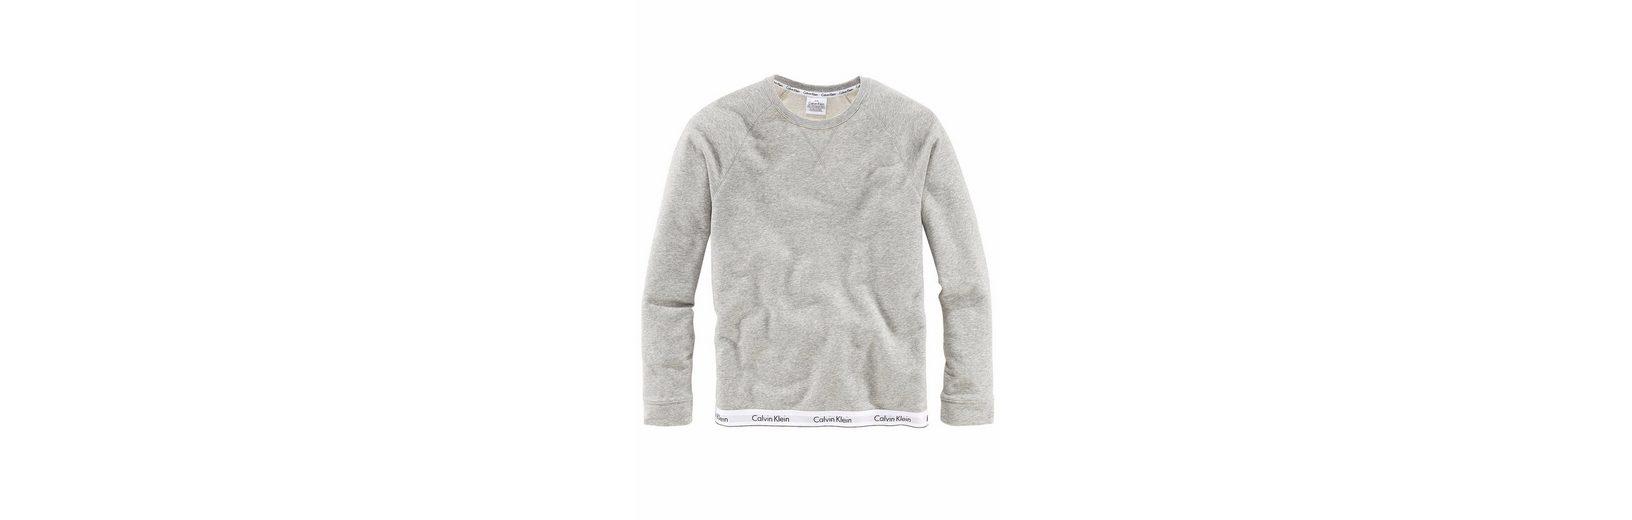 Calvin Klein Sweatshirt, aus weicher Sweatware